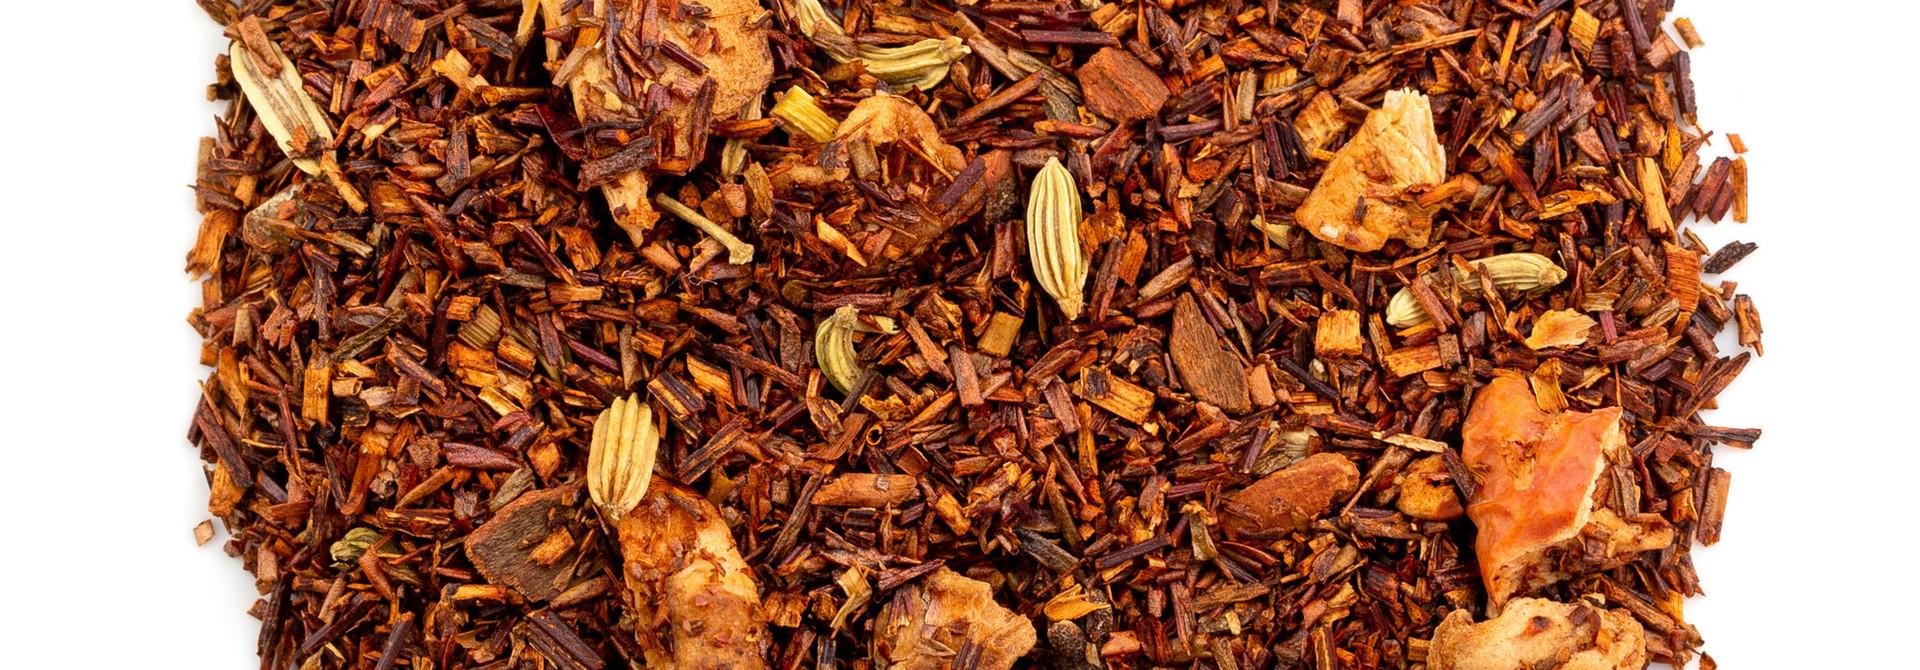 Baked Apple Cinnamon